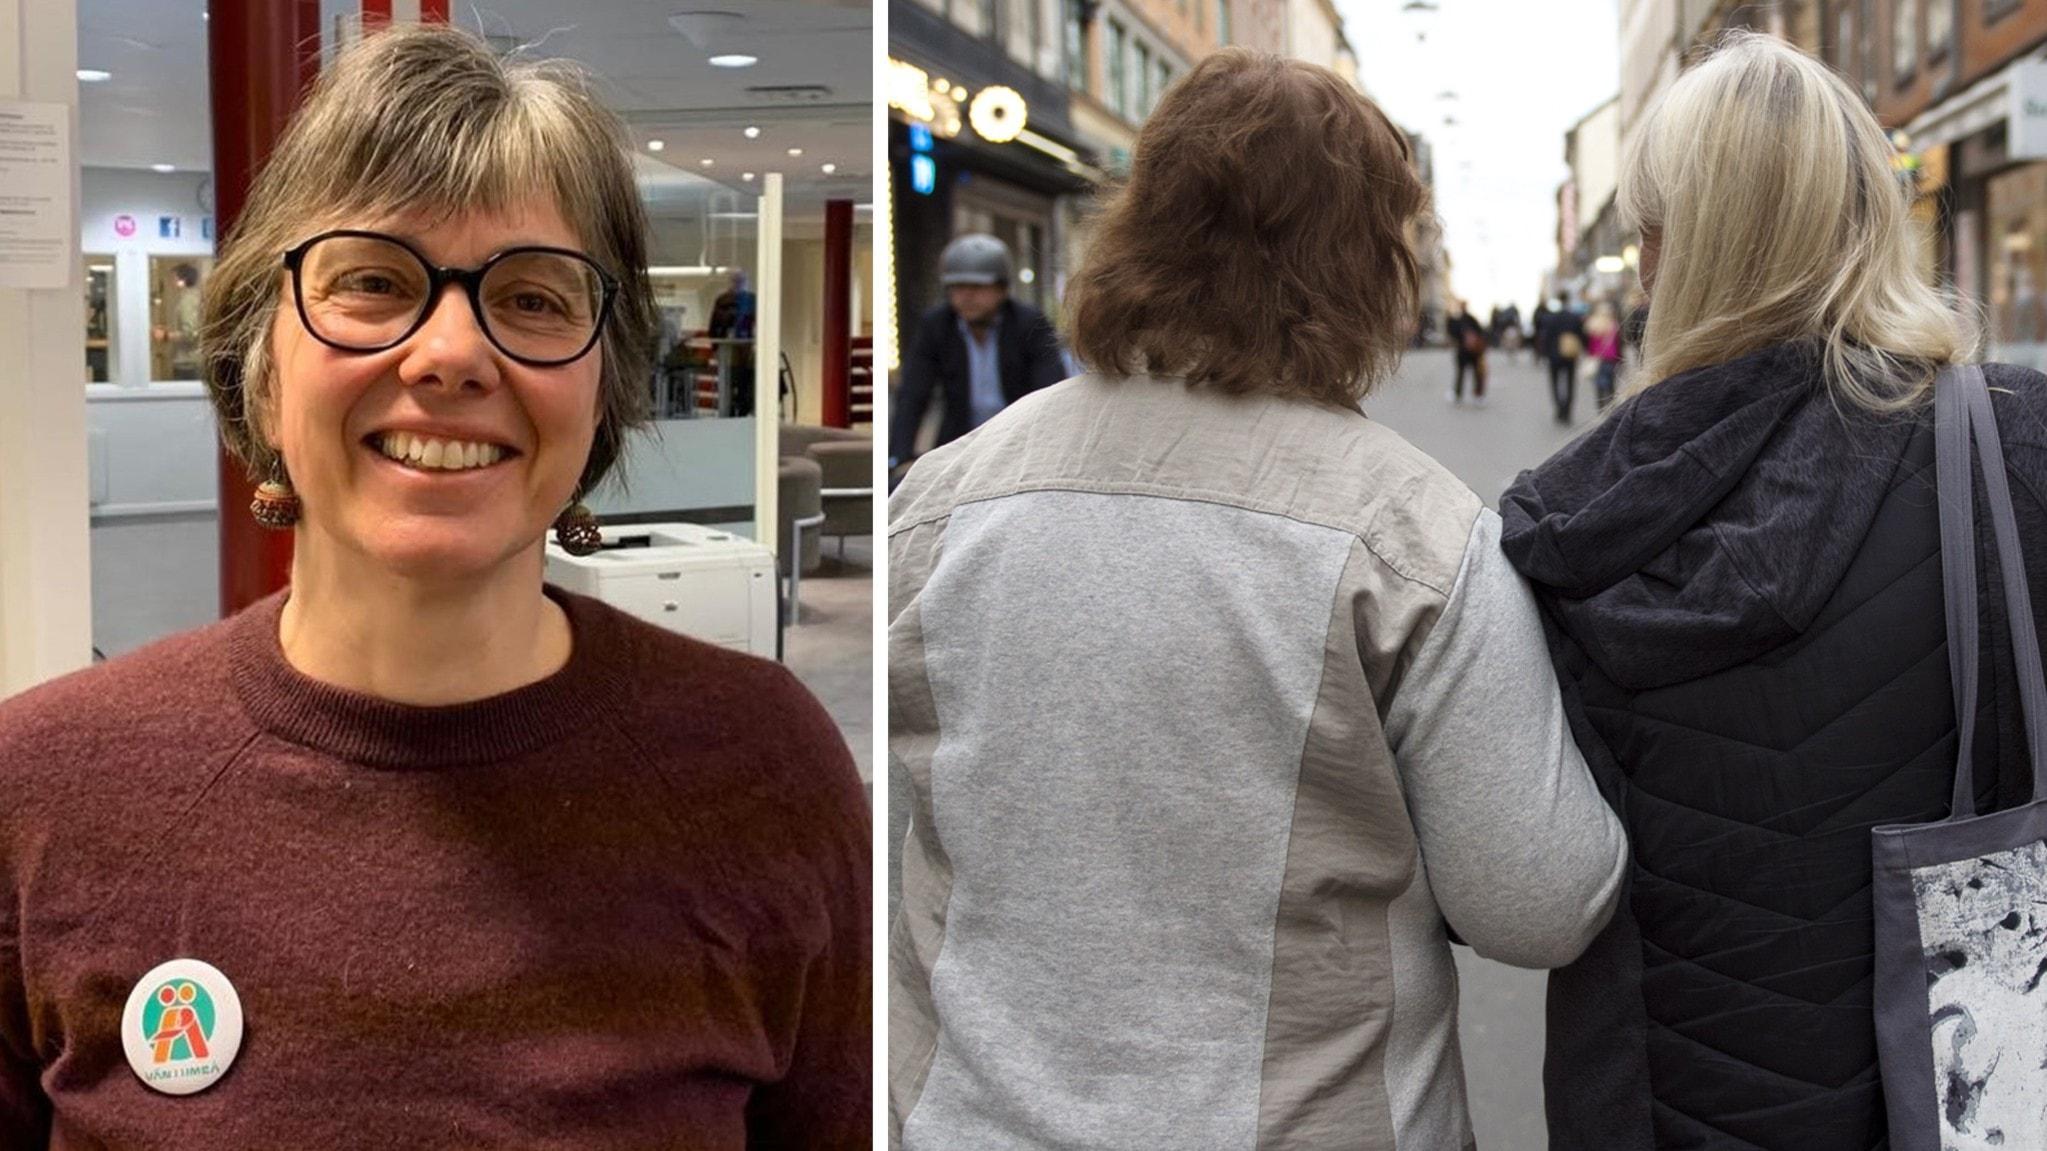 Chatta och dejta online i Ume | Trffa kvinnor och mn i